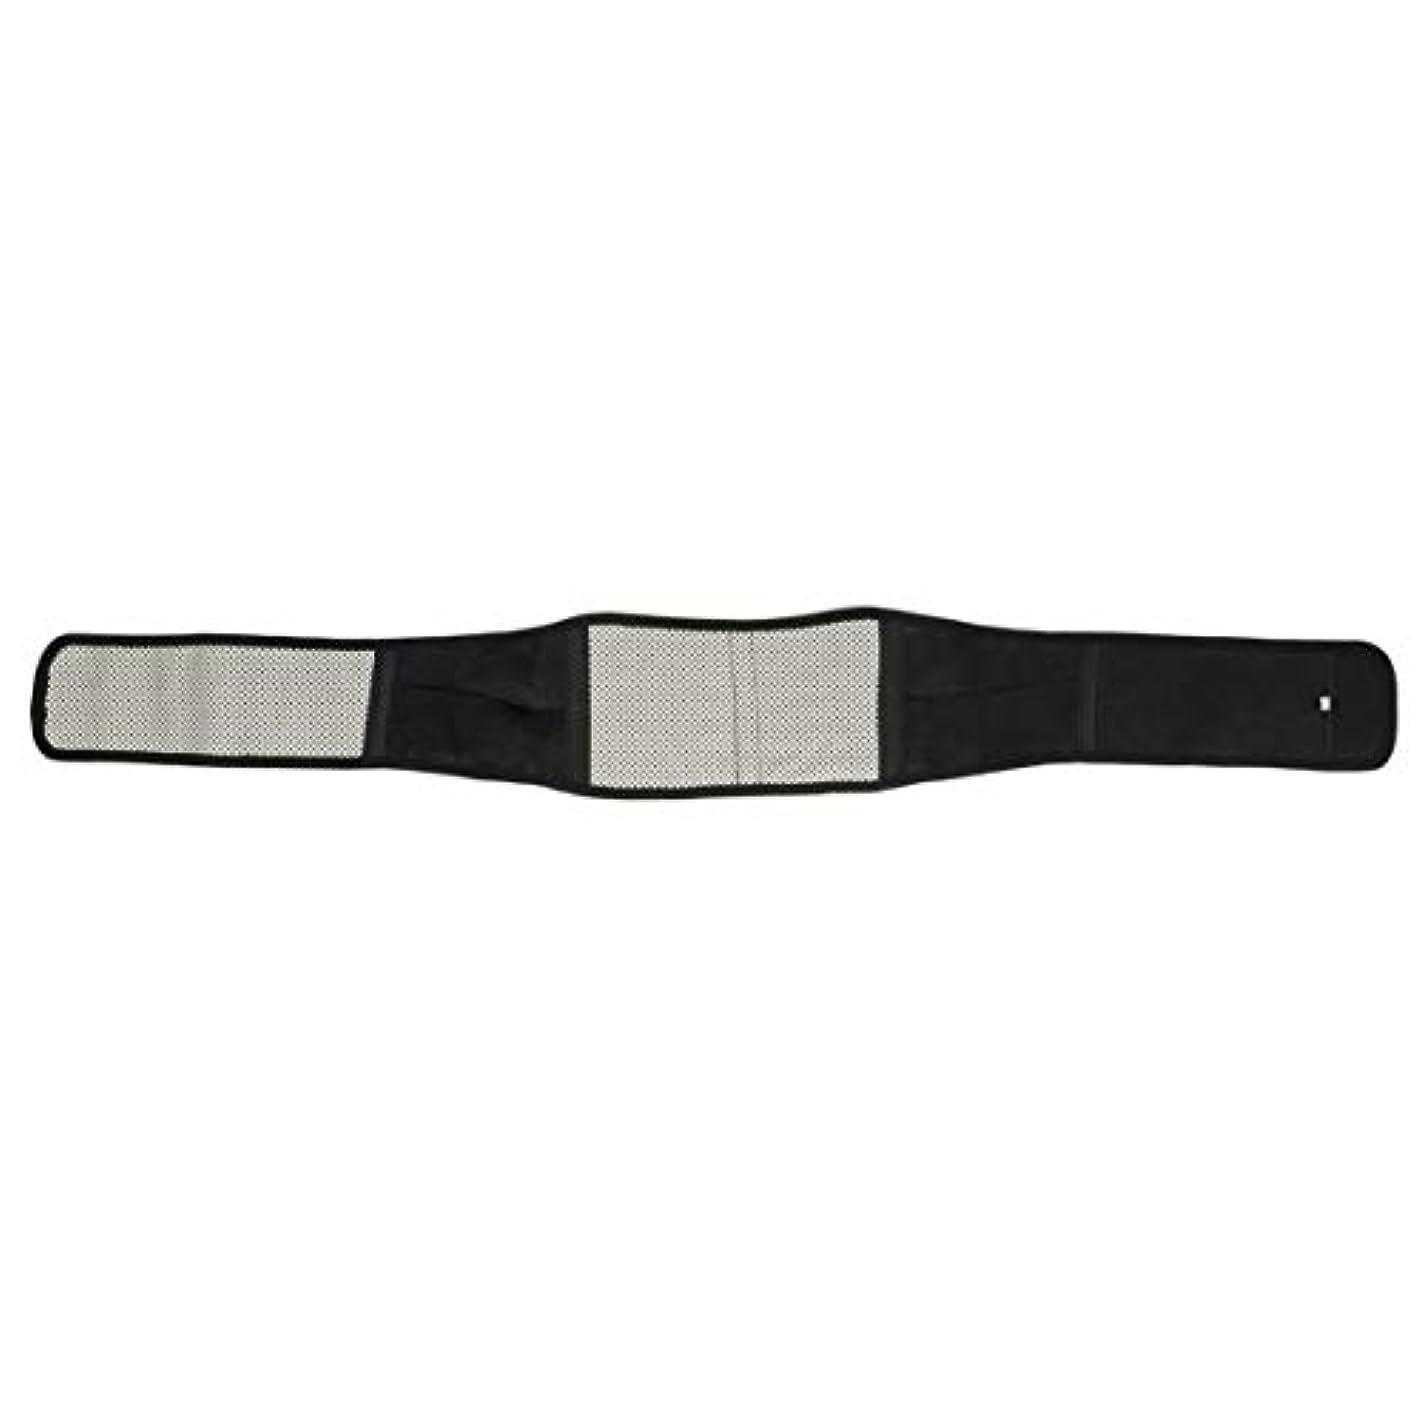 暗い誘惑するラインナップintercorey脂肪燃焼ベルト腰椎サポート痛みマッサージャー赤外線磁気バックブレース自己発熱療法ウエストベルト調整可能な姿勢ベルト